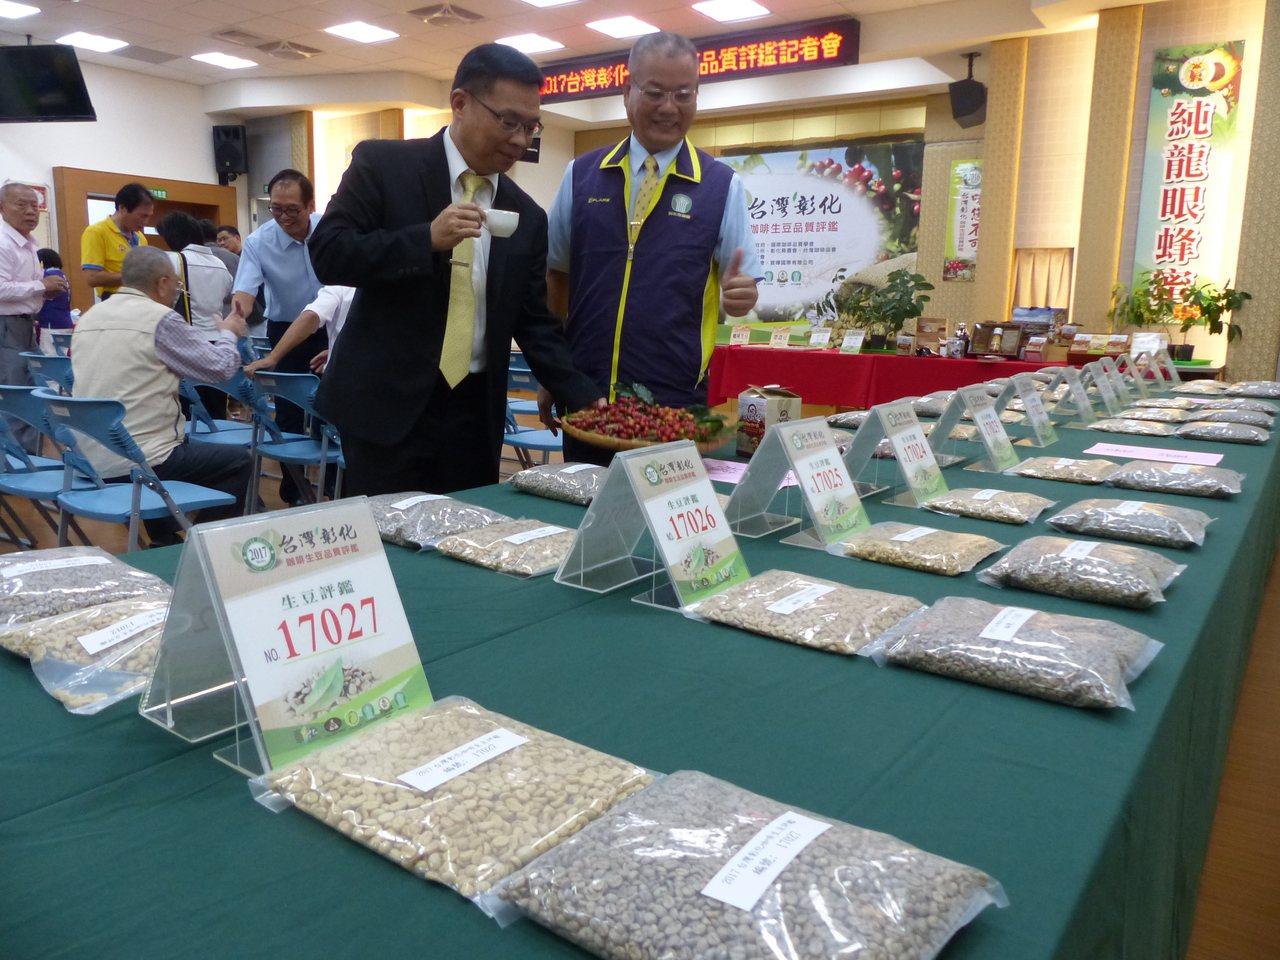 彰化八卦山咖啡今年大豐收,彰化市農會將舉辦評鑑,除提升品質,並打開知名度,圖為彰...